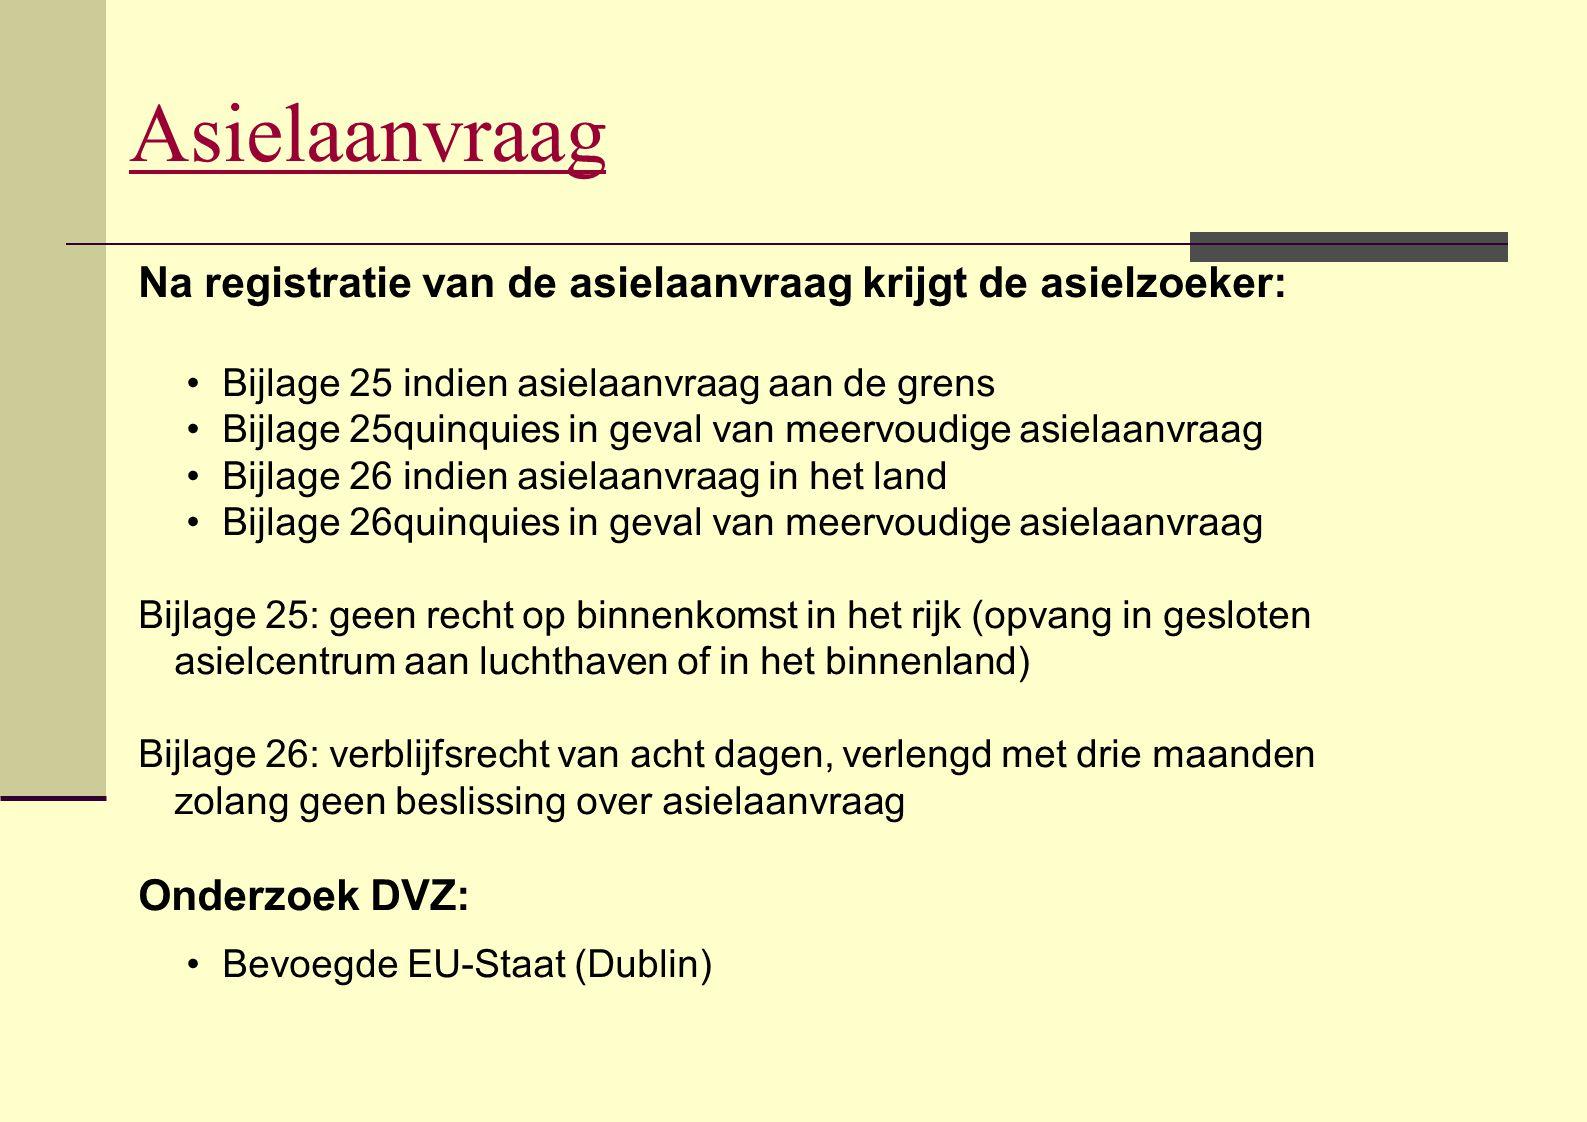 Asielaanvraag Na registratie van de asielaanvraag krijgt de asielzoeker: Bijlage 25 indien asielaanvraag aan de grens.